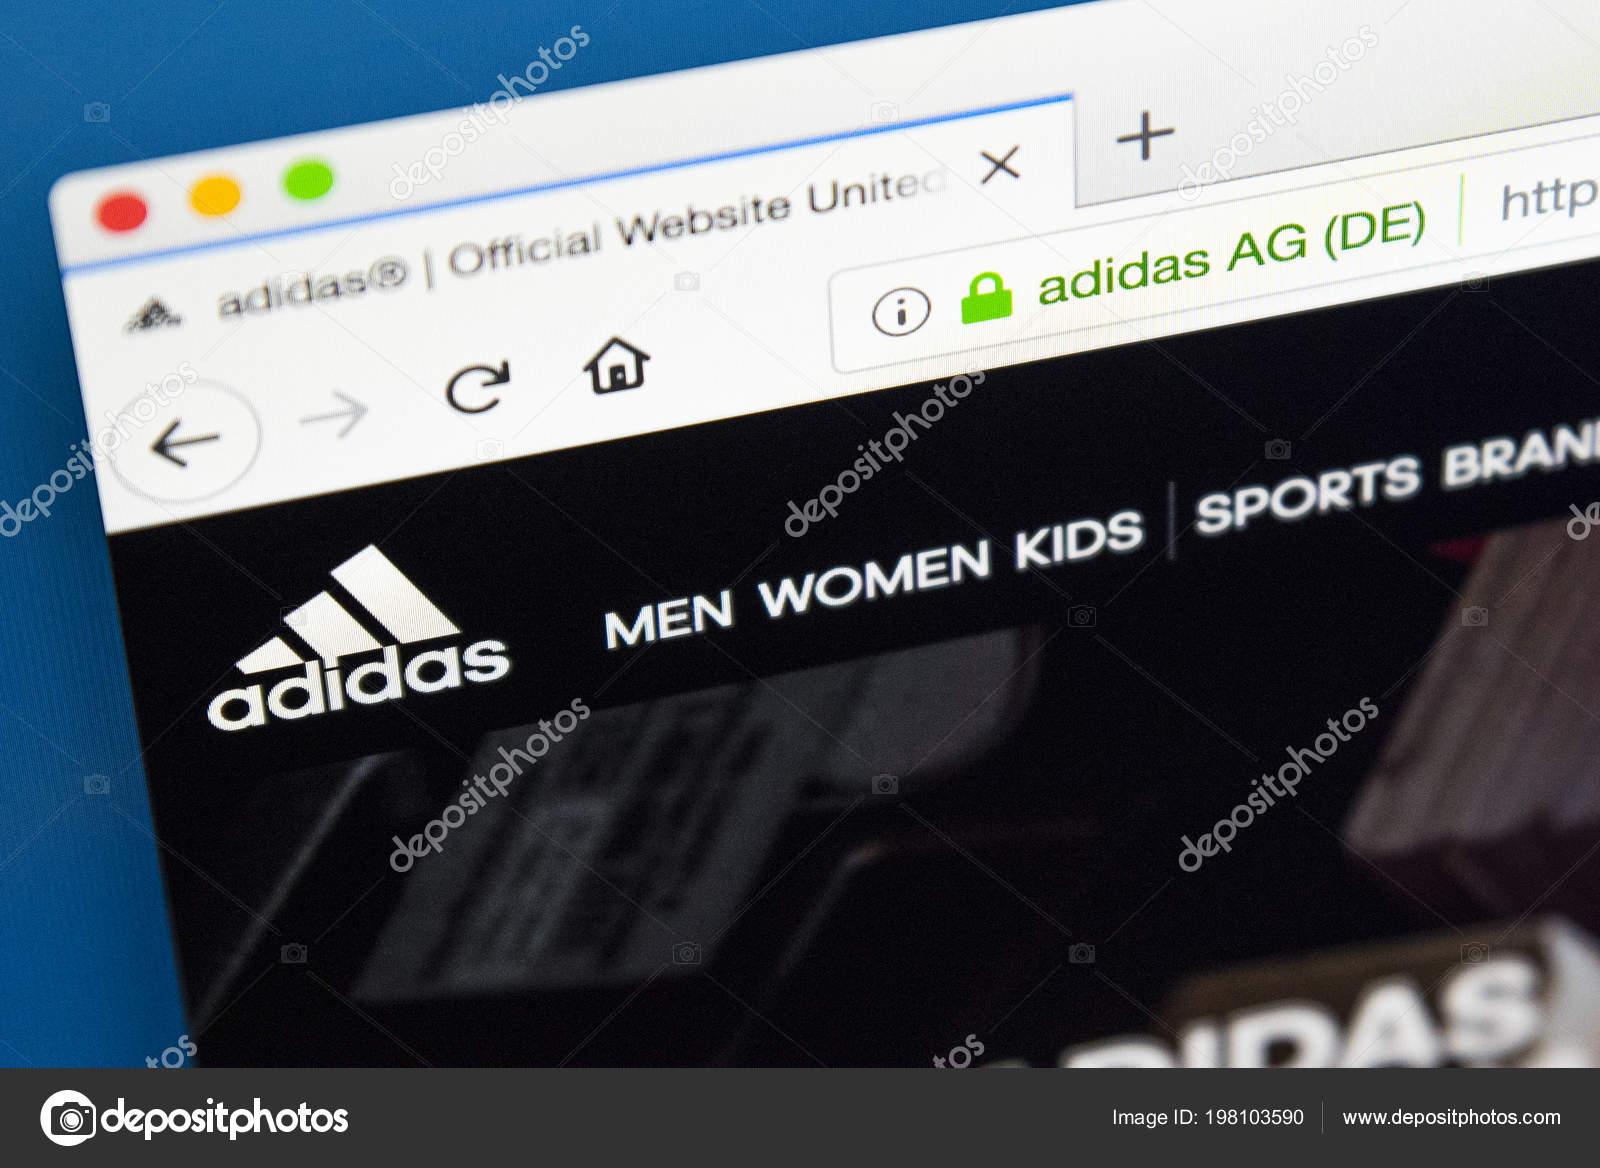 f8745a64c5326 Londres Reino Unido Mayo 2018 Página Web Página Oficial Adidas ...